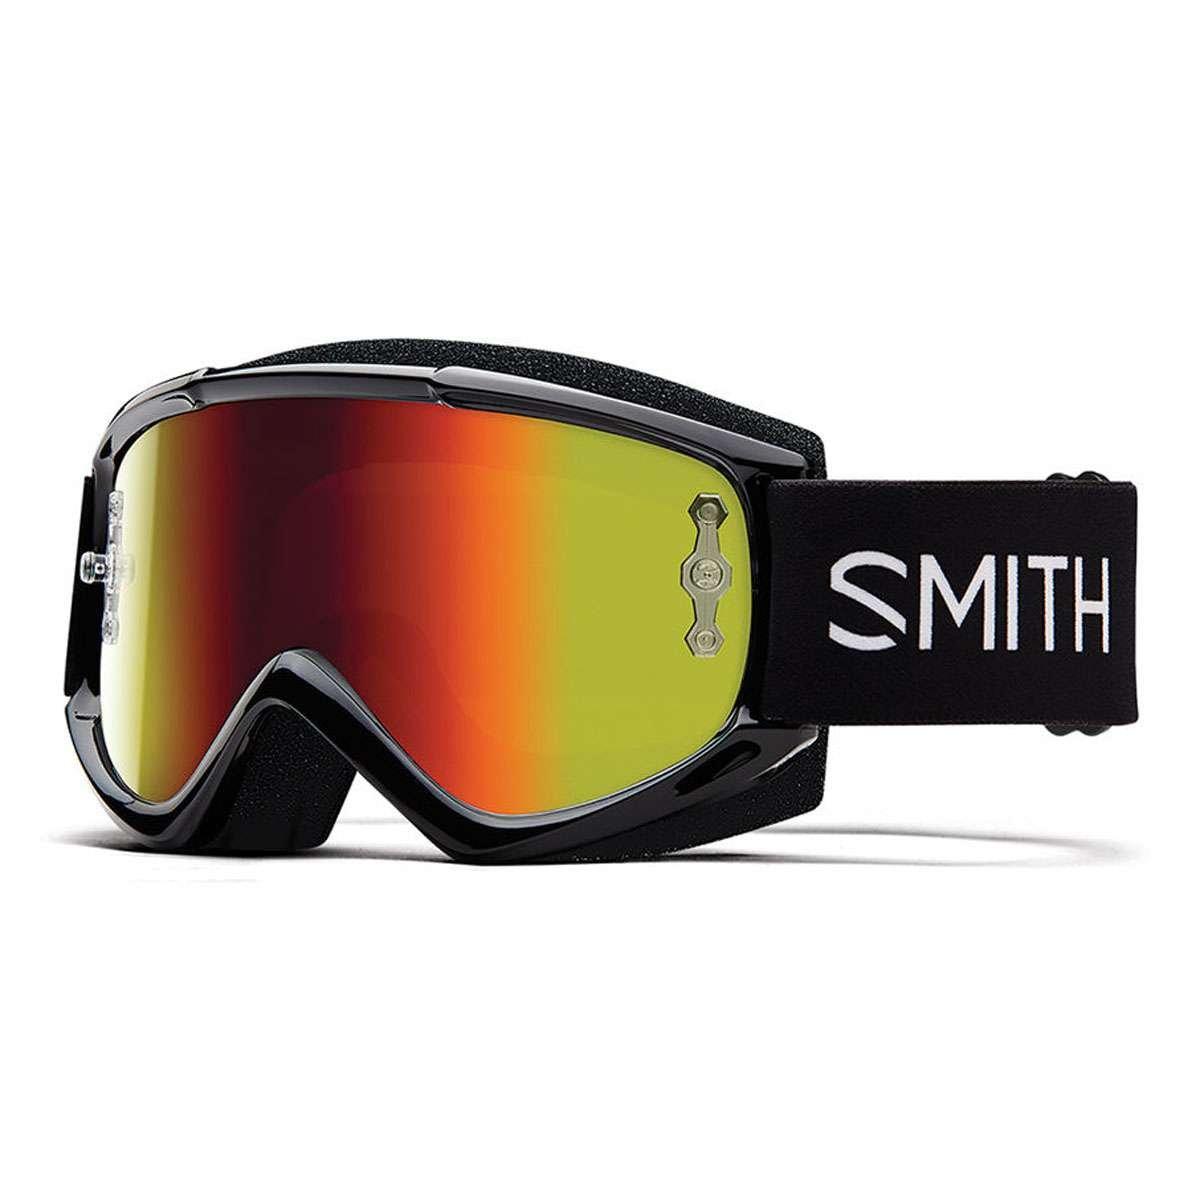 Smith Fuel V.1 MAX M Offroad Goggle Smith Optics 5559130384